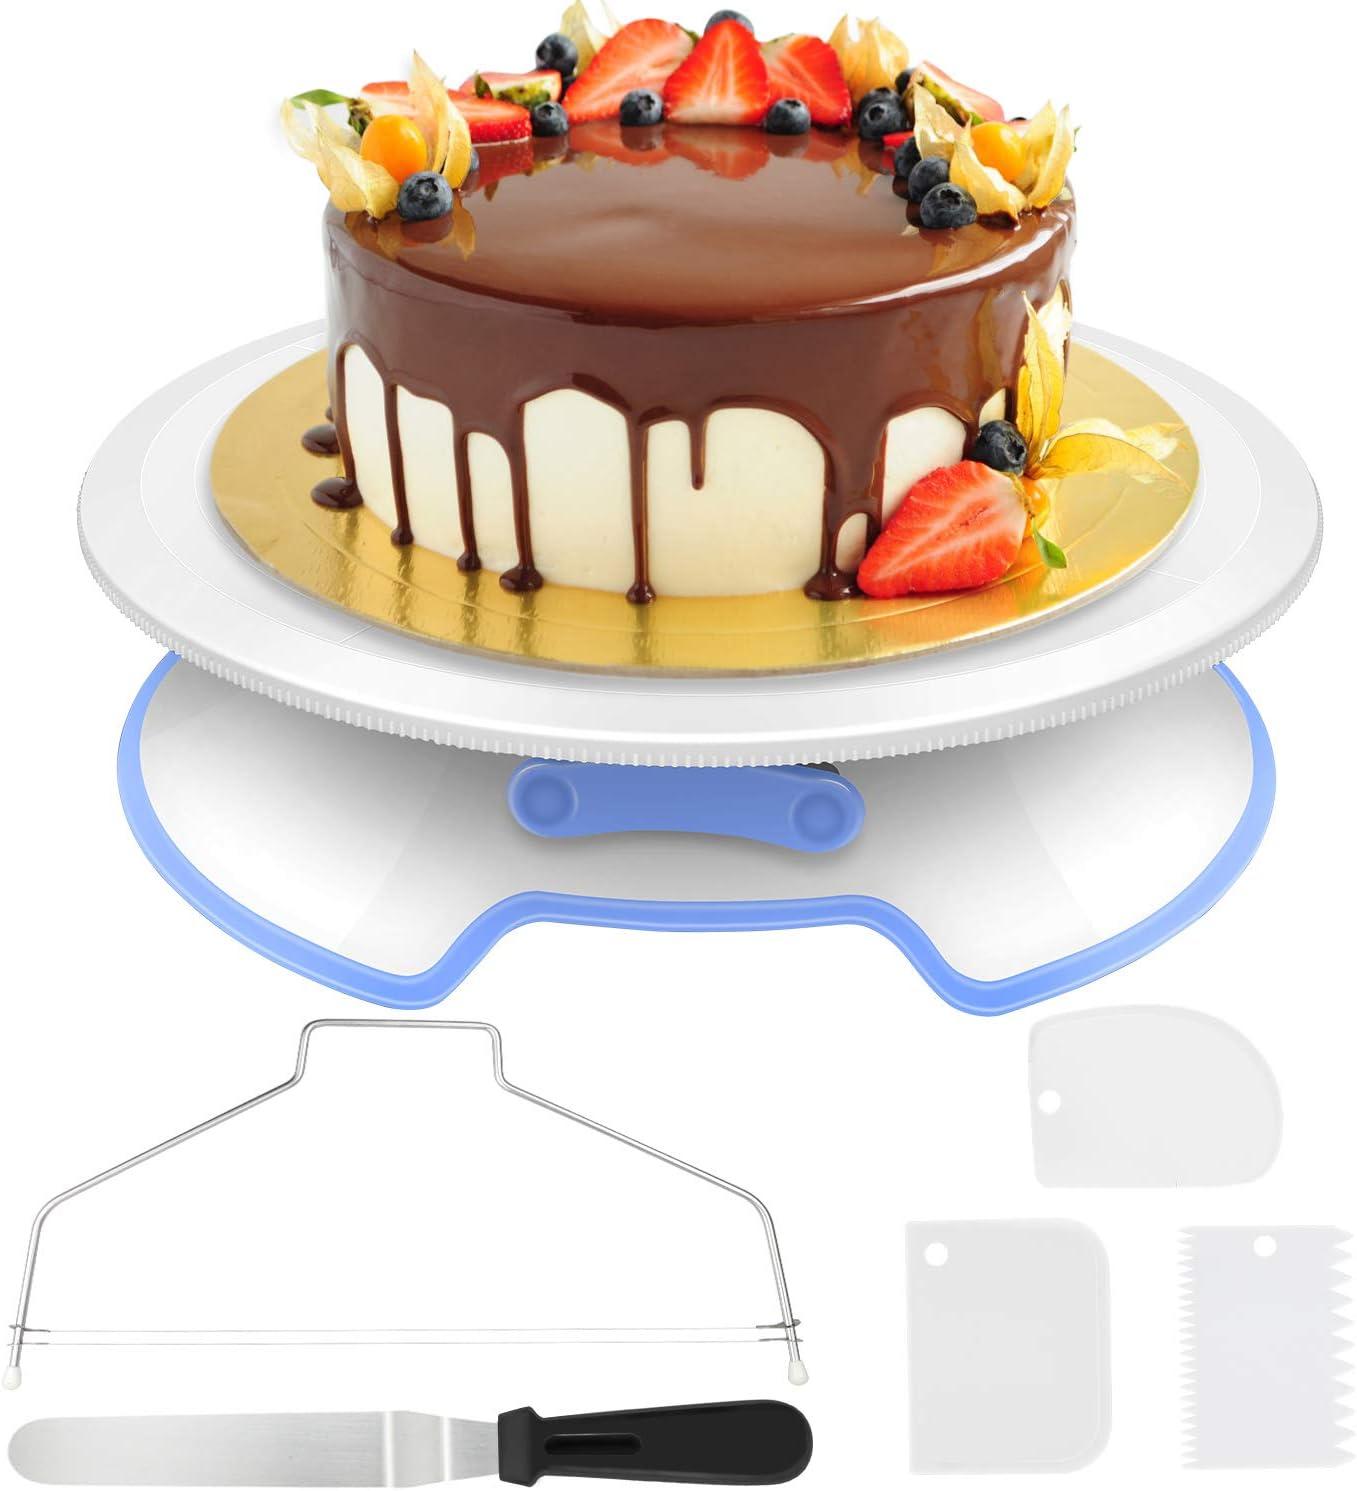 AimTop Decoración de Pasteles, Torta Giratoria con Herramienta de Pastelería, Cortador, Espátula de Formación de Hielo, Scrappers de Pastel, Soporte de Torta Giratorio de Placa de Pastel